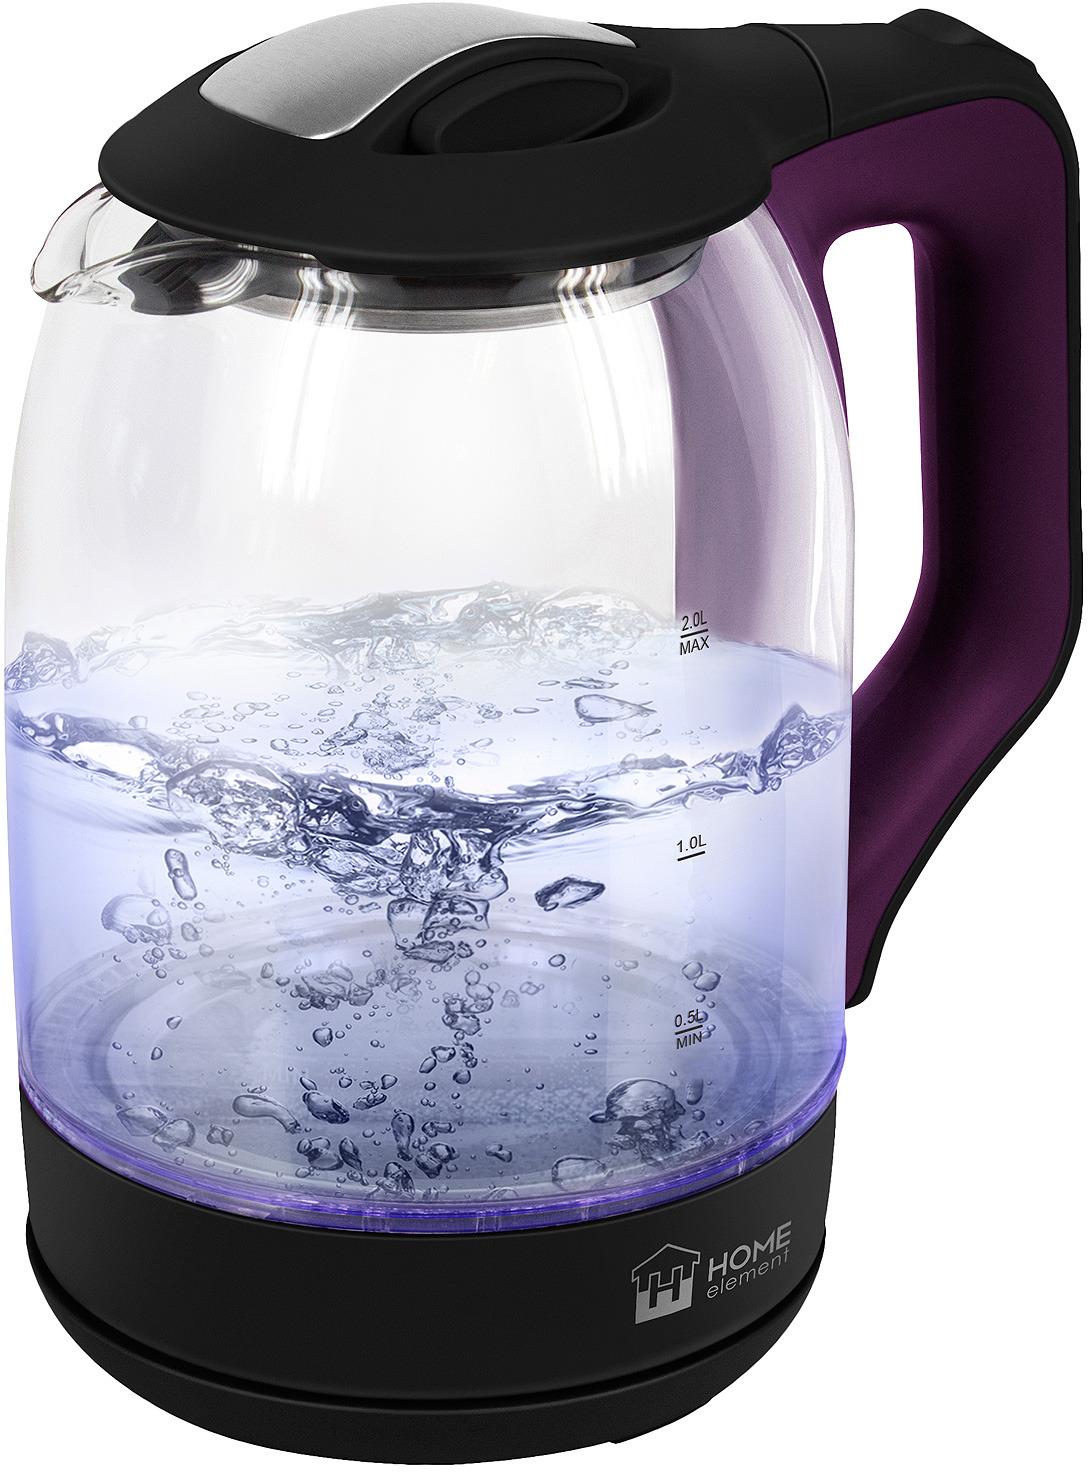 купить Электрический чайник Home Element HE-KT190, фиолетовый чароит недорого